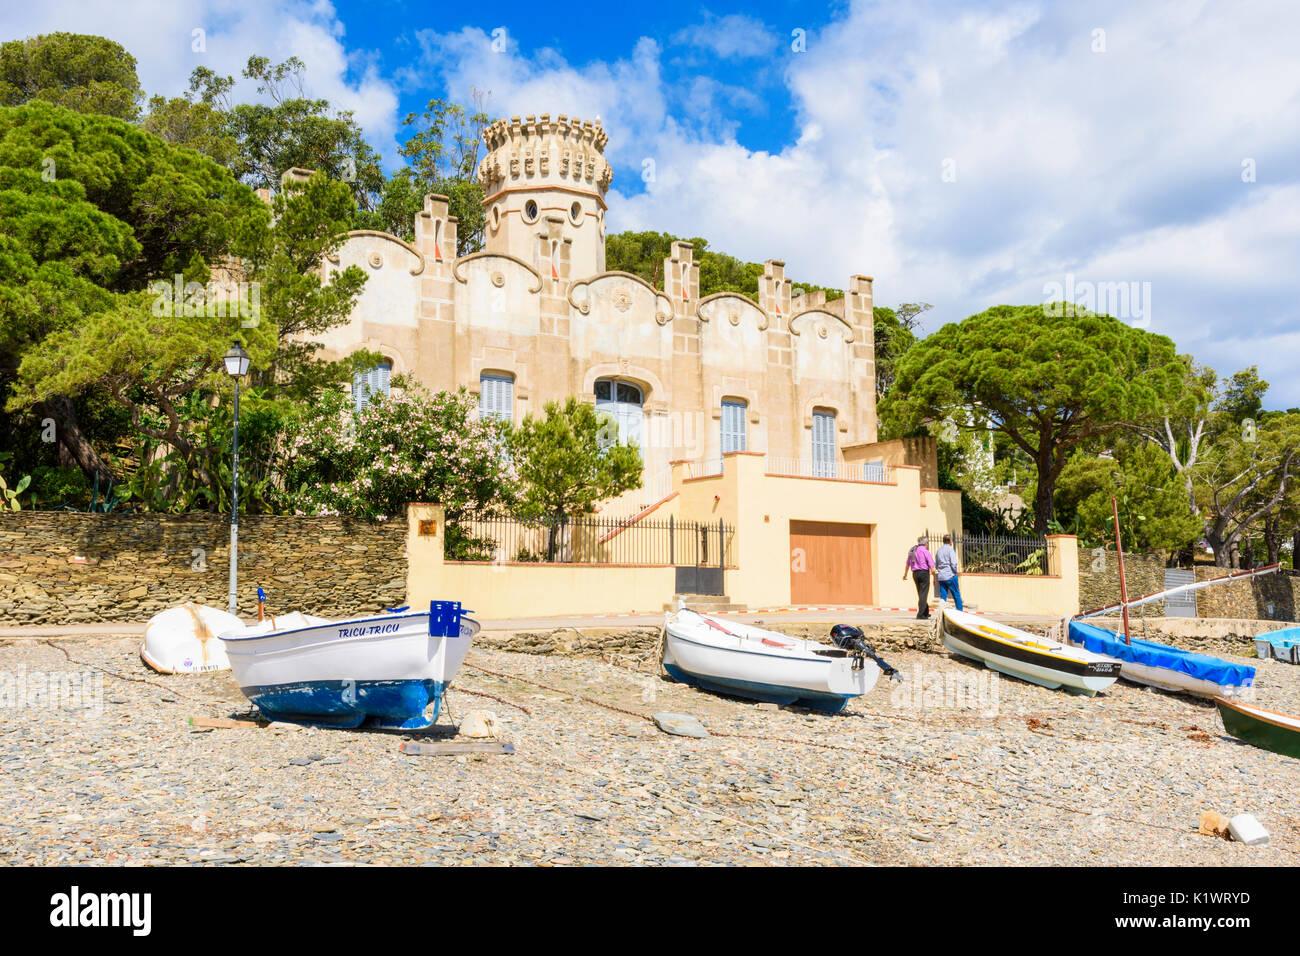 Casa Costa, un bâtiment moderniste Catalan donnant sur la plage de galets, Playa Llané Petit, Cadaqués, Catalogne, Espagne Photo Stock